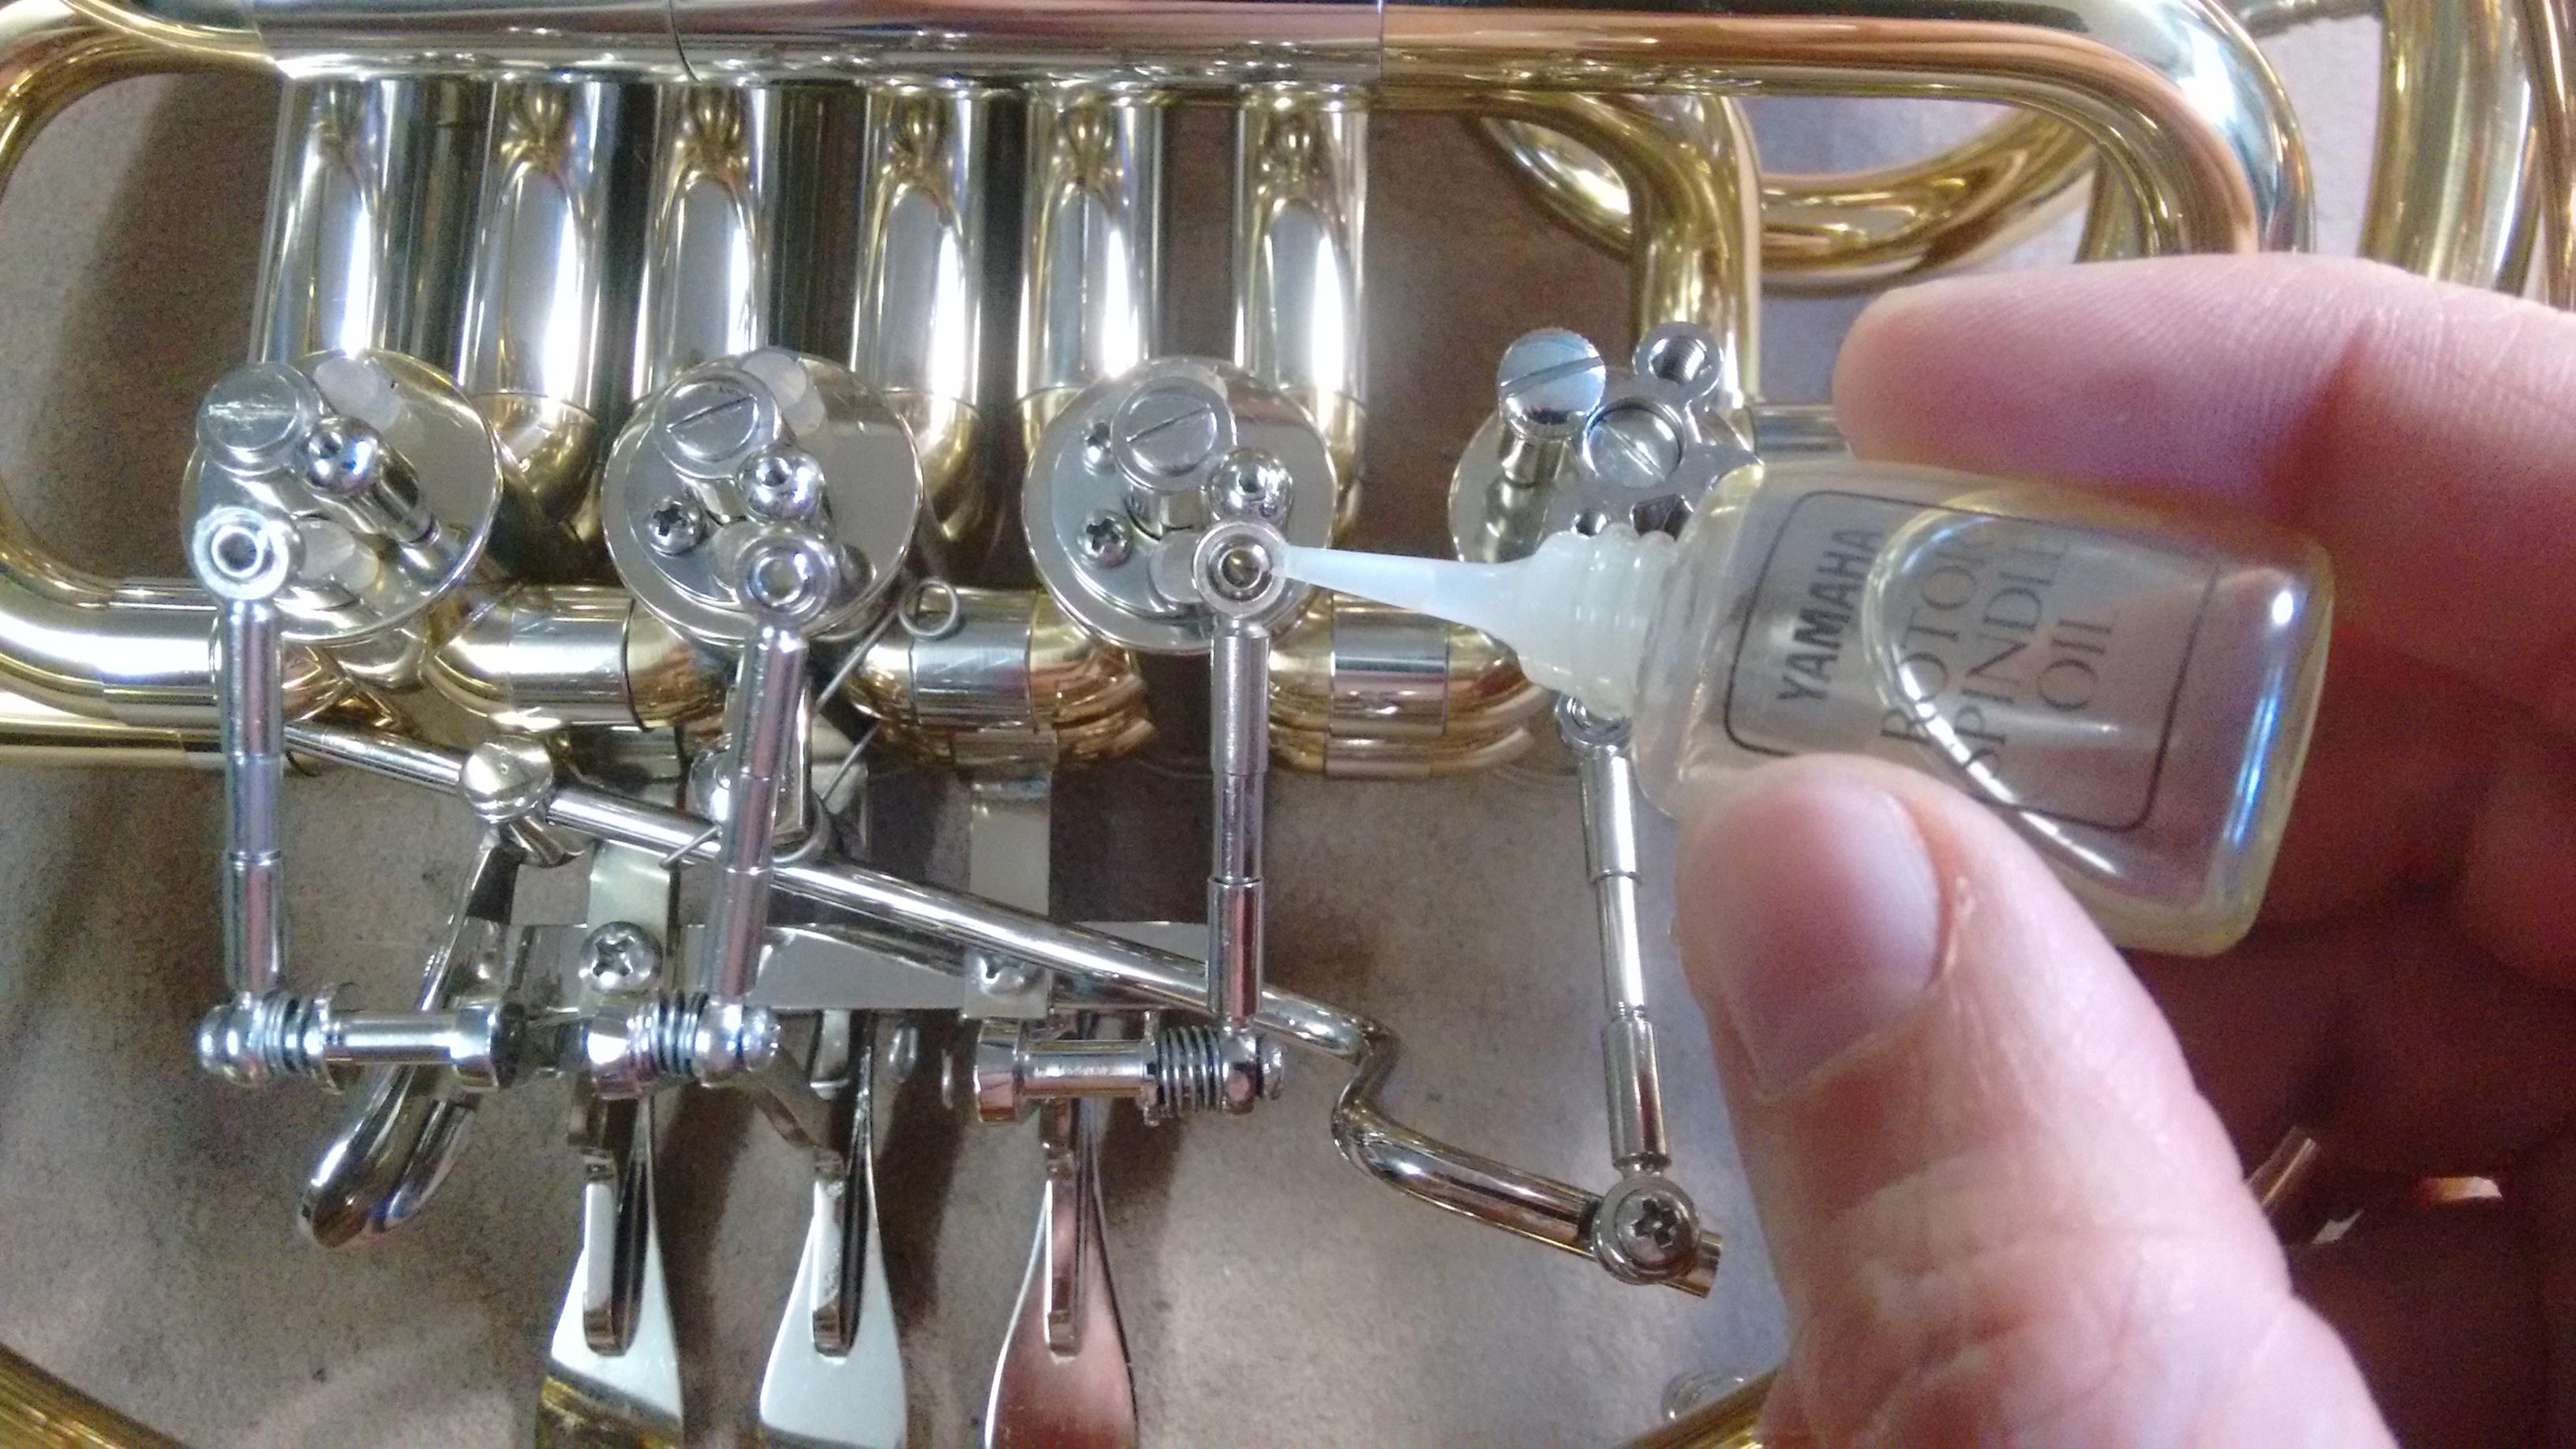 Engrasando puntos clave de la maquinaria como rótulas, espátulas y brazos articulados